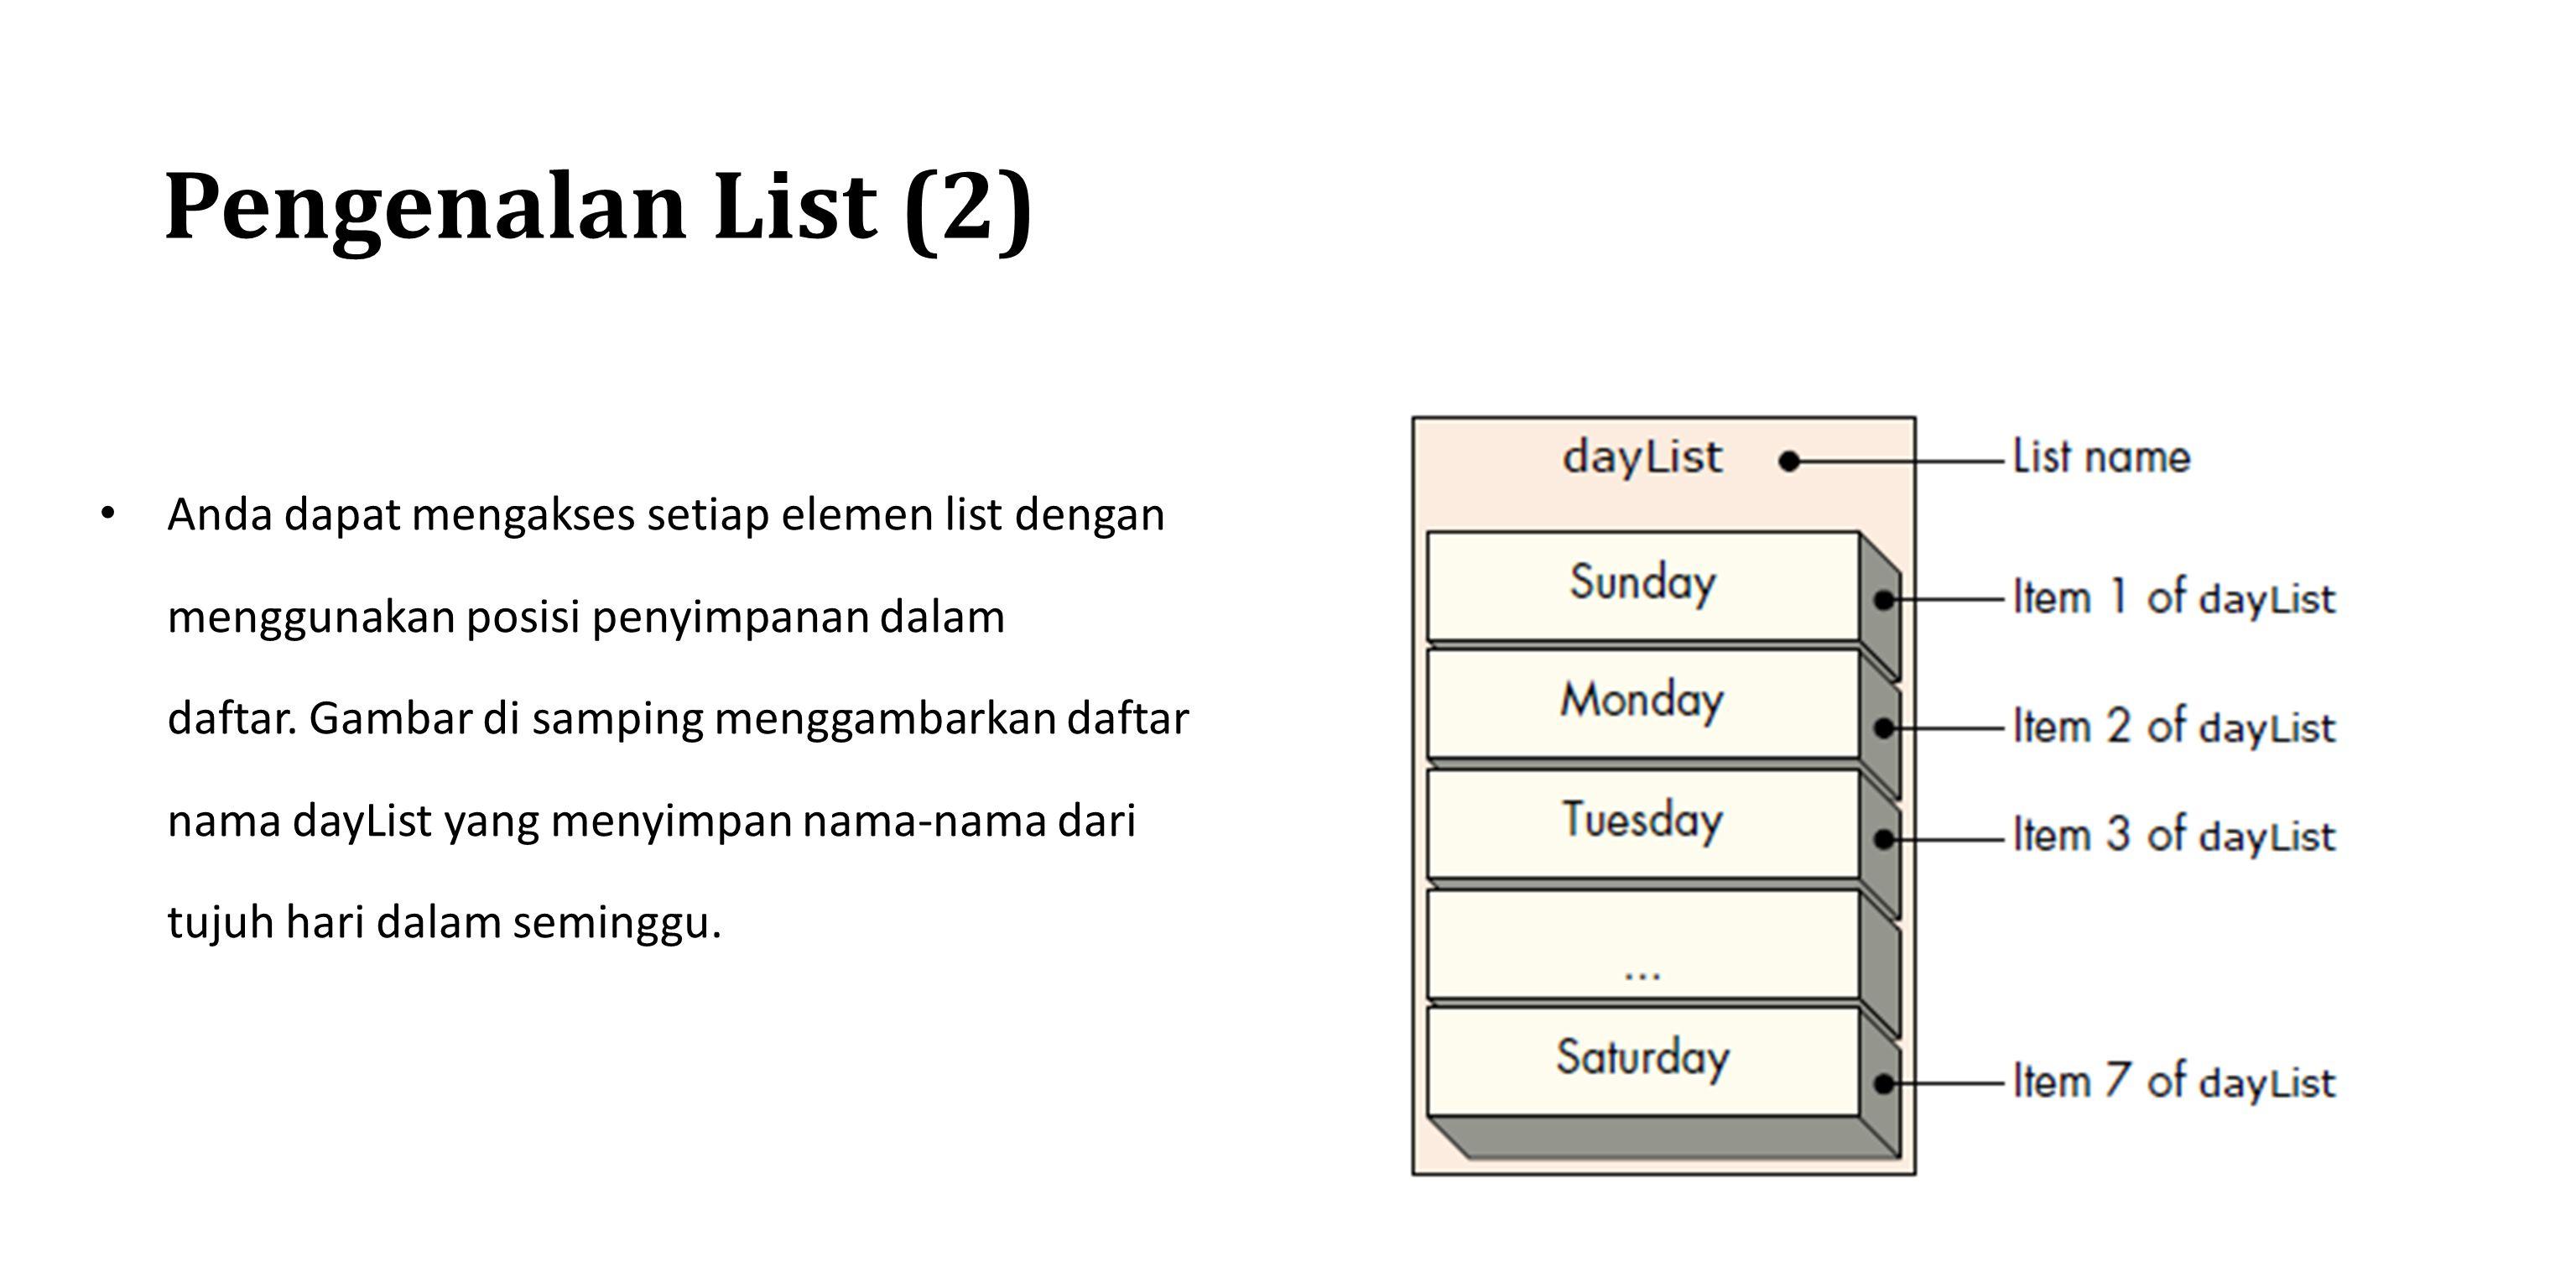 Pengenalan List (2)